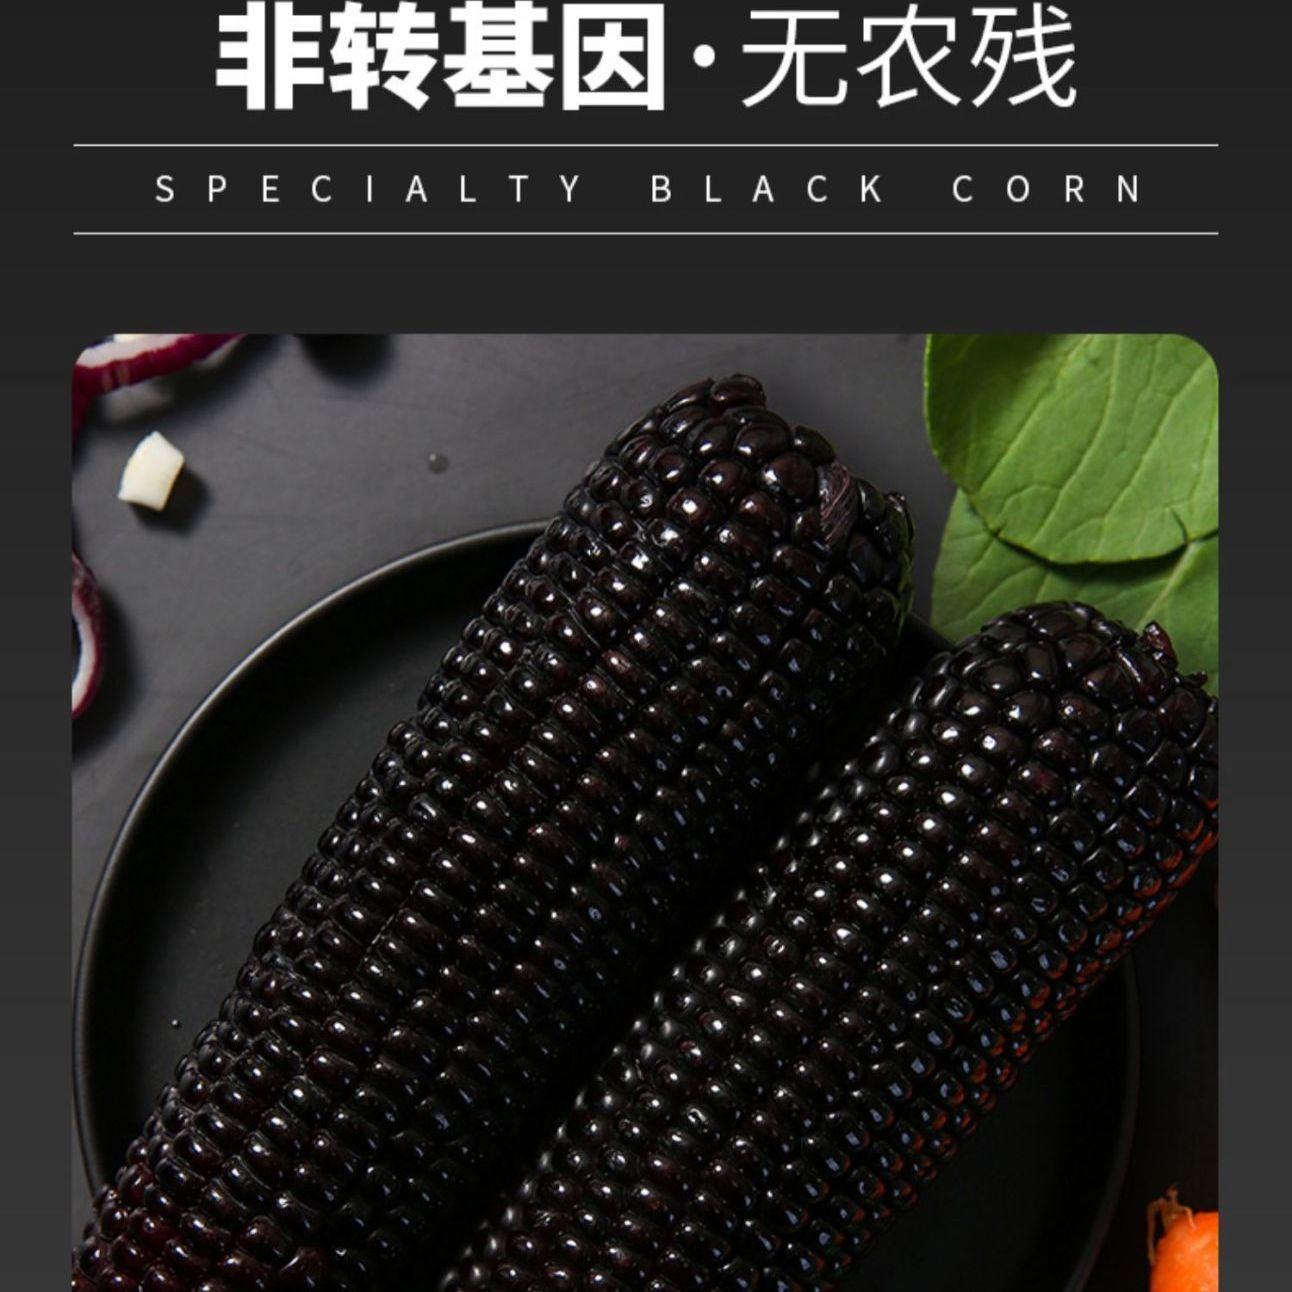 88825-东北黑玉米新鲜甜糯非转基因真空包装自热速食黑黏苞米棒整箱批发-详情图